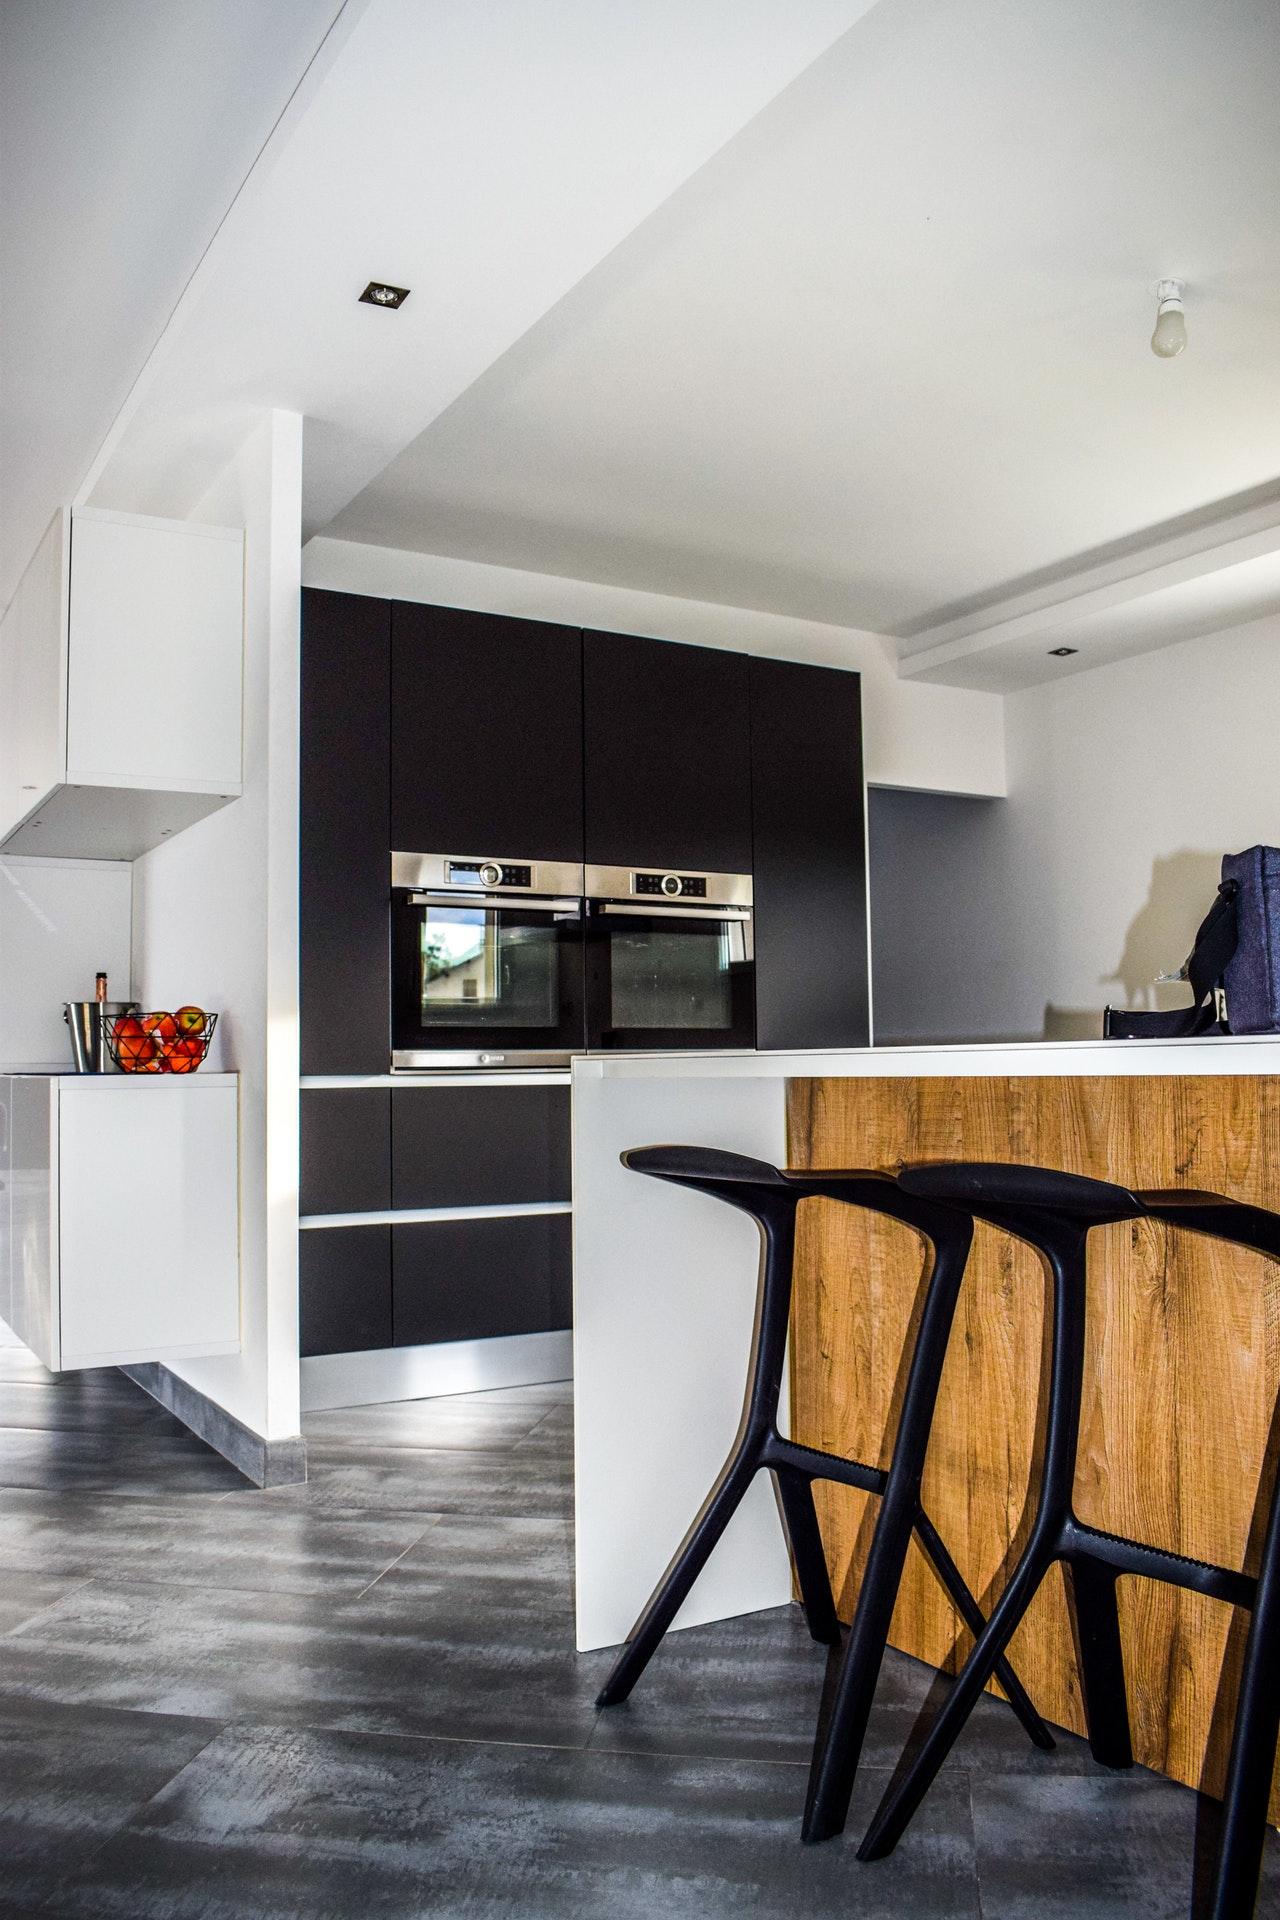 Frontjes Keuken Vervangen.Keukenrenovatie Kosten Prijzen Mogelijkheden Homedeal